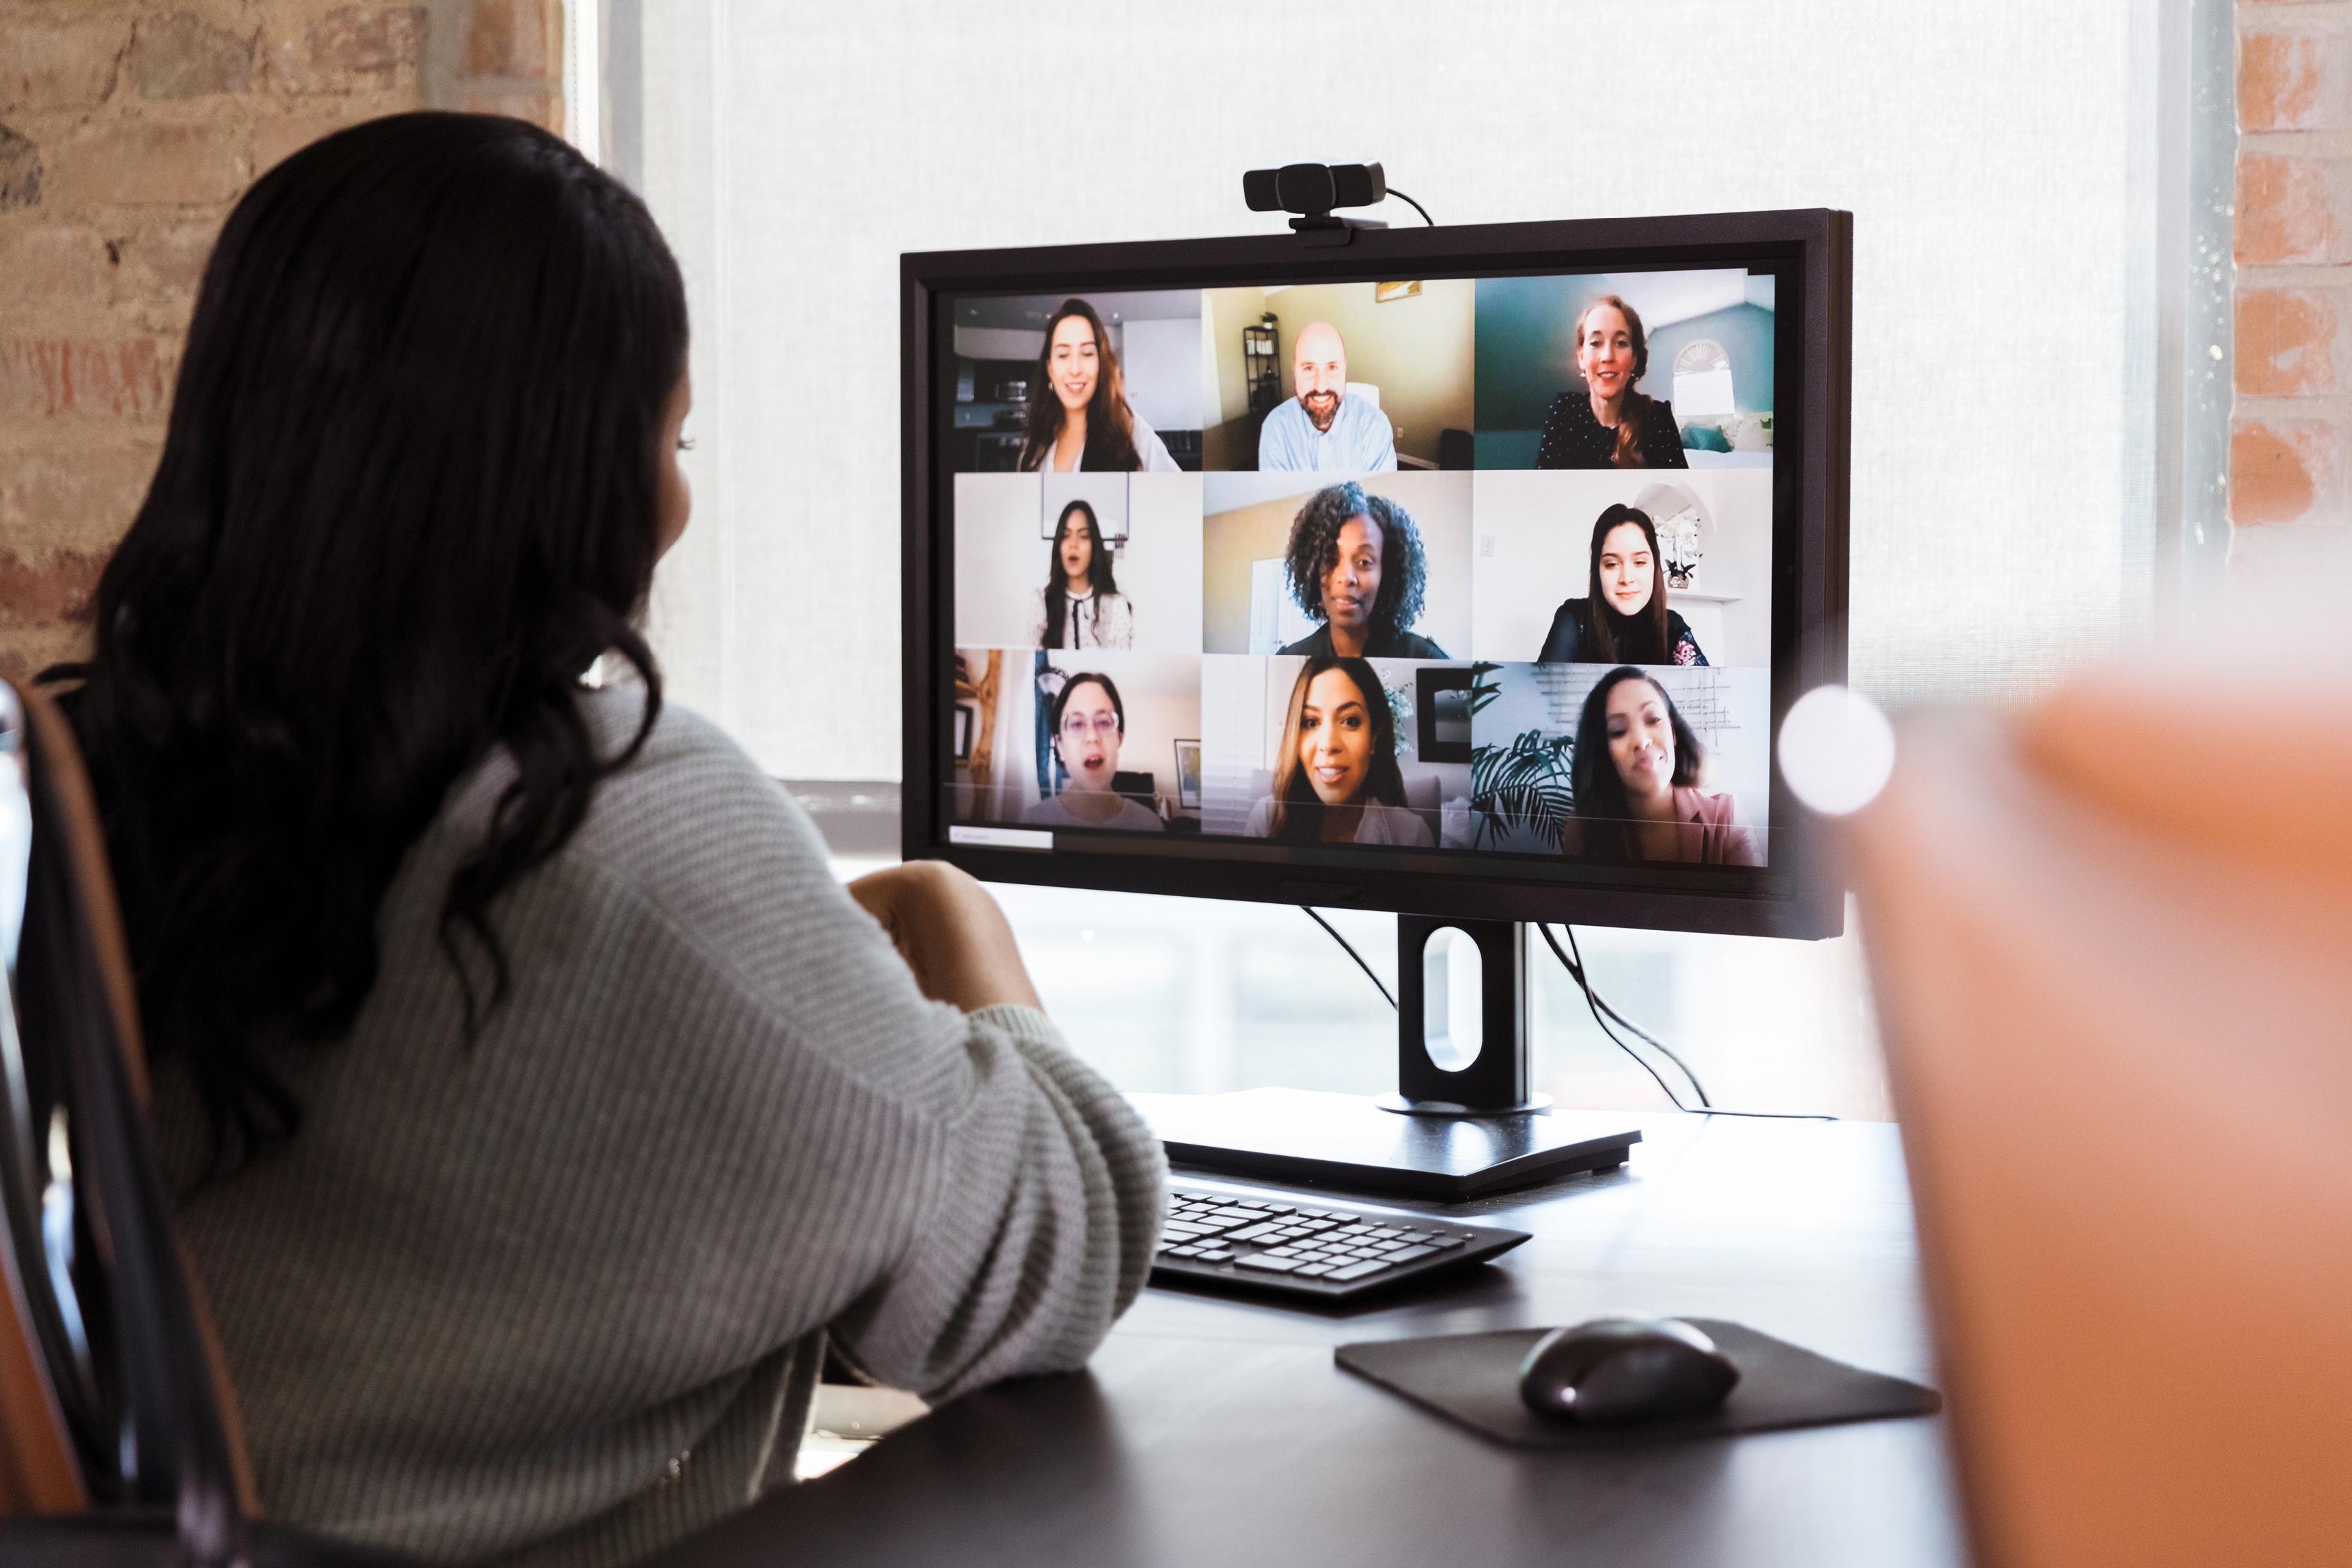 jovem a dar formação ou em reunião através de uma plataforma de videoconferência